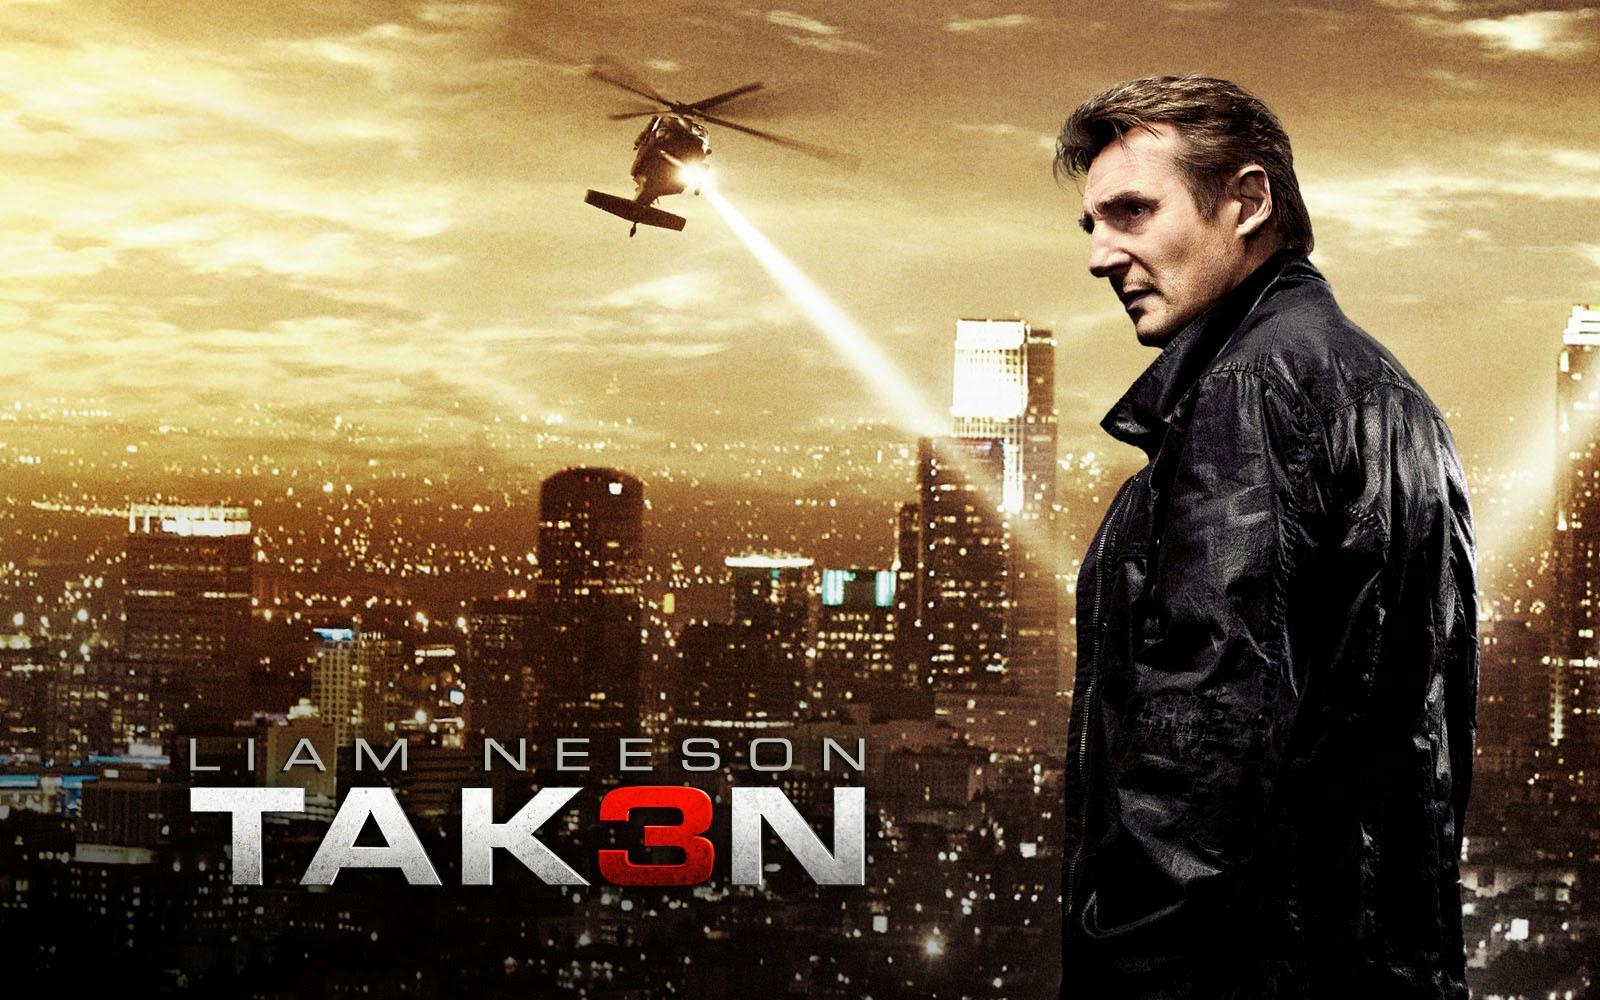 Movie Freak 77 Review Taken 3